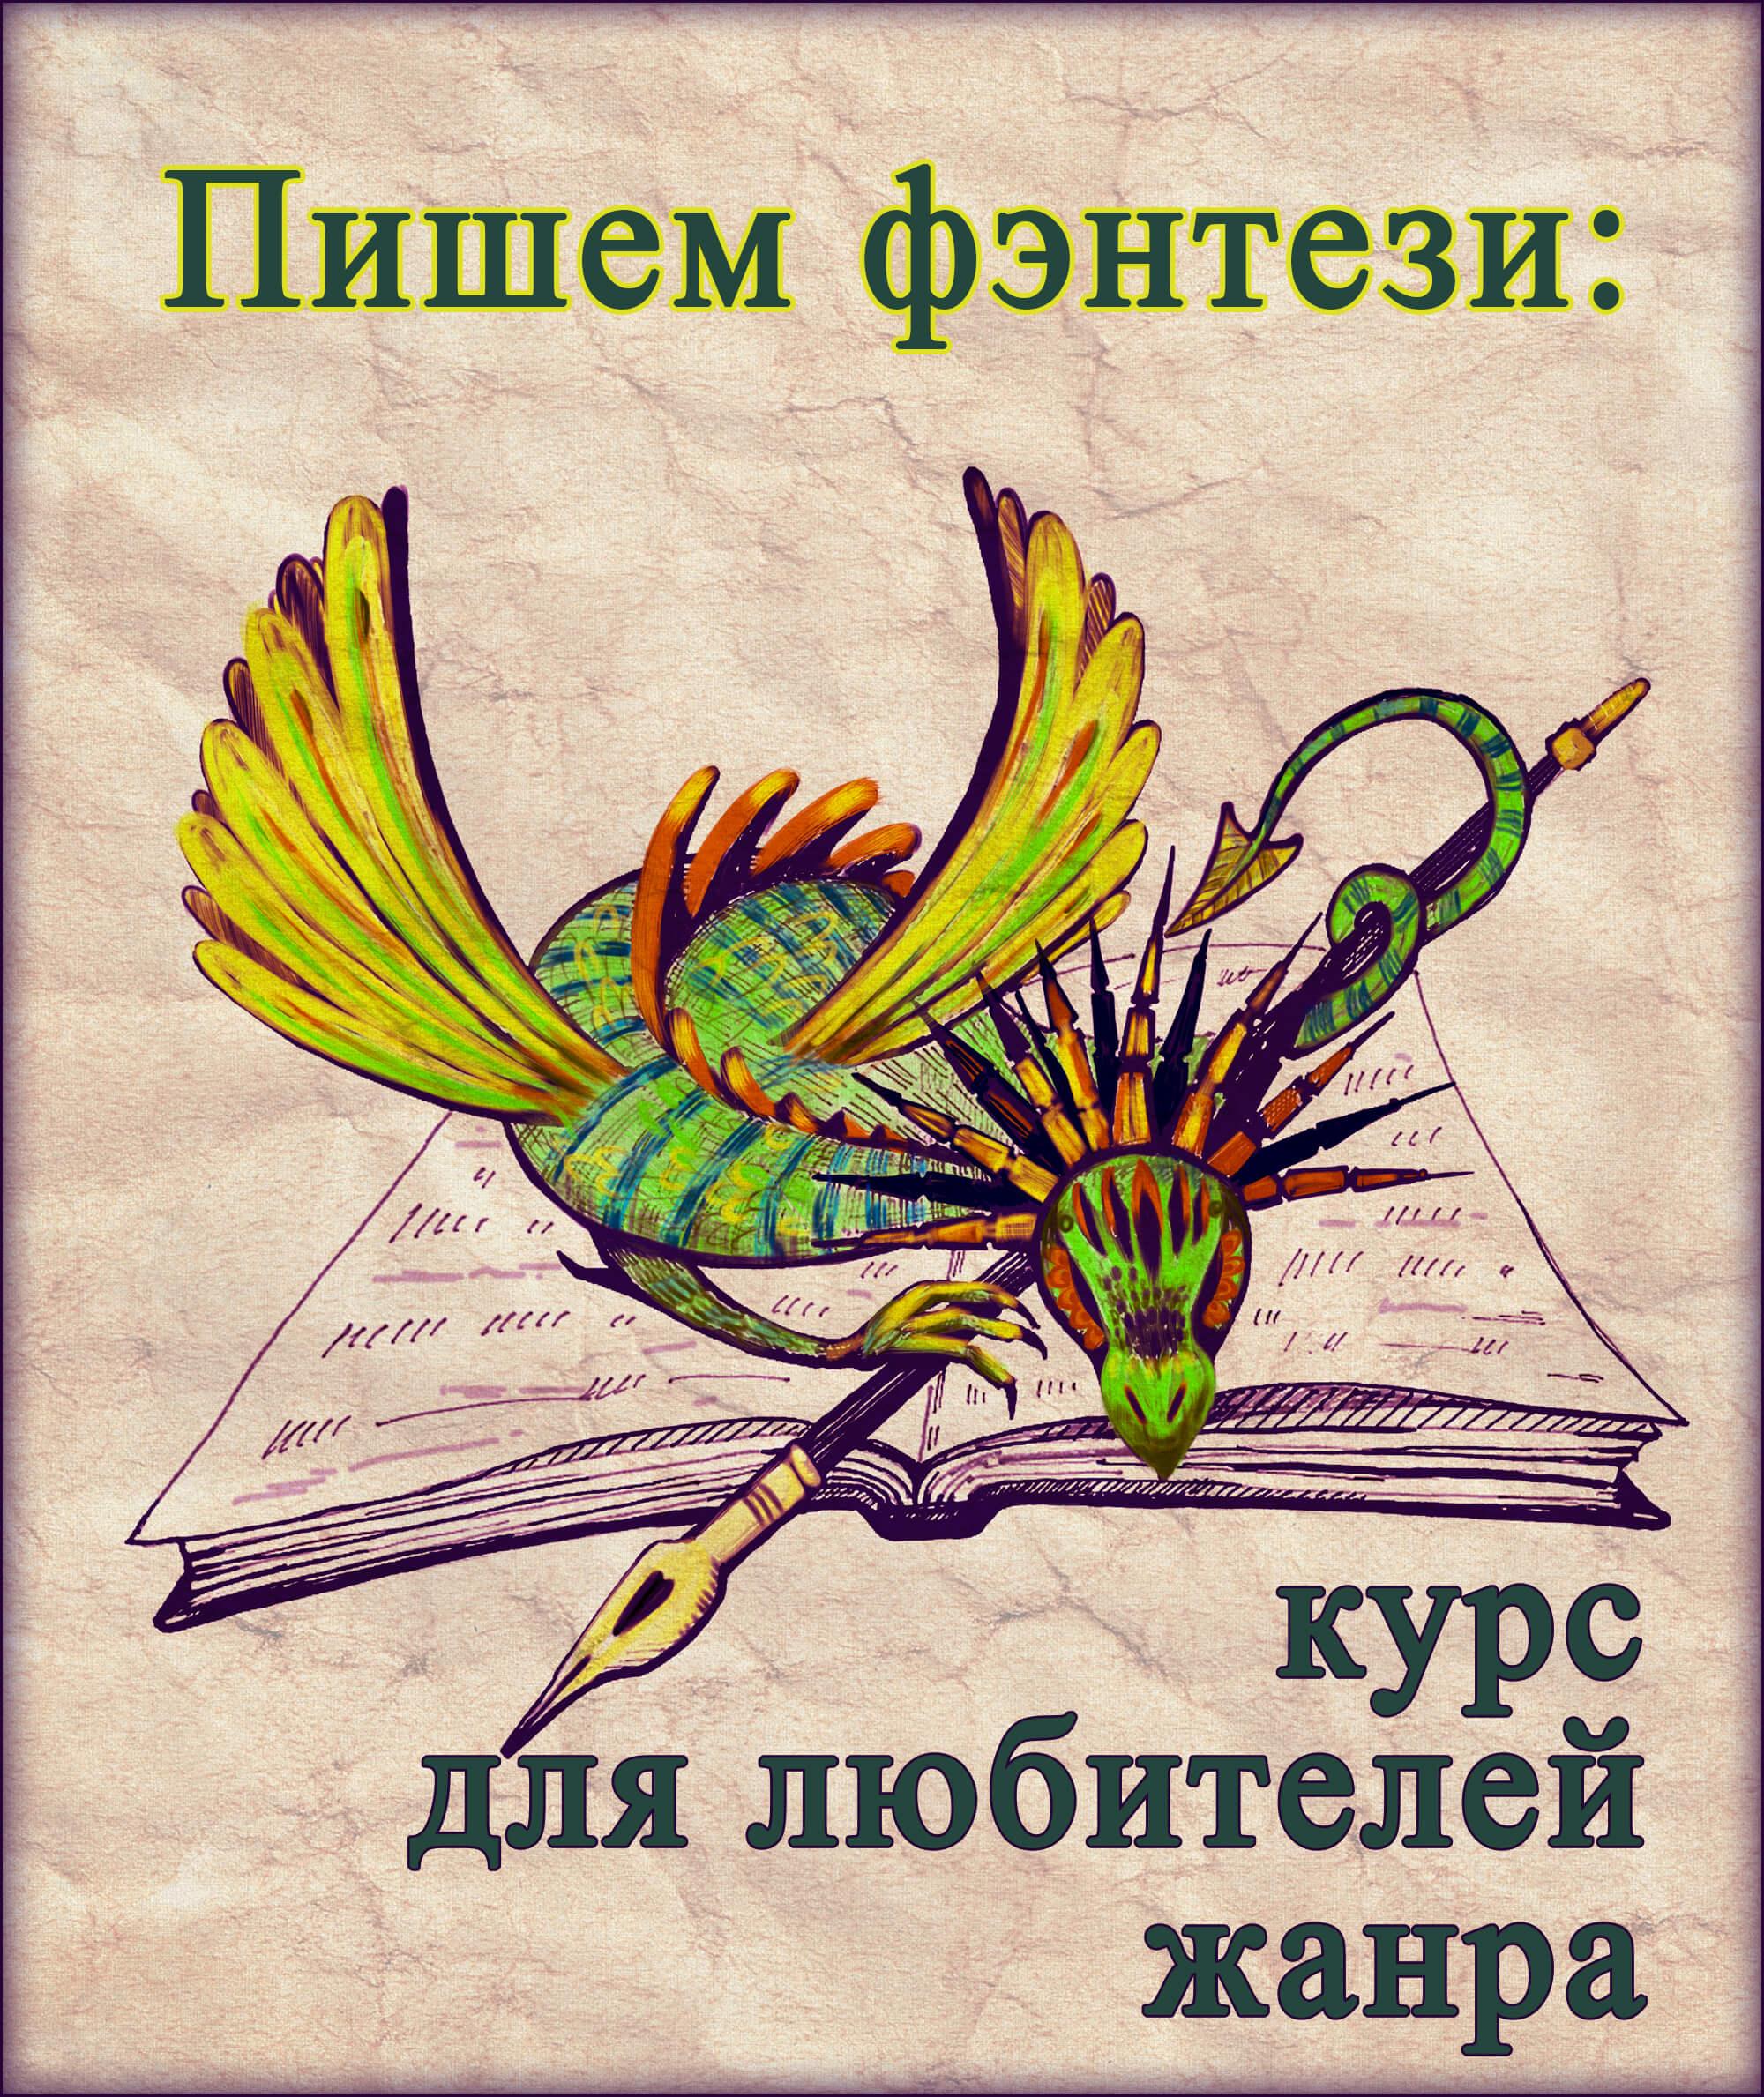 Пишем фэнтези: курс для любителей жанра